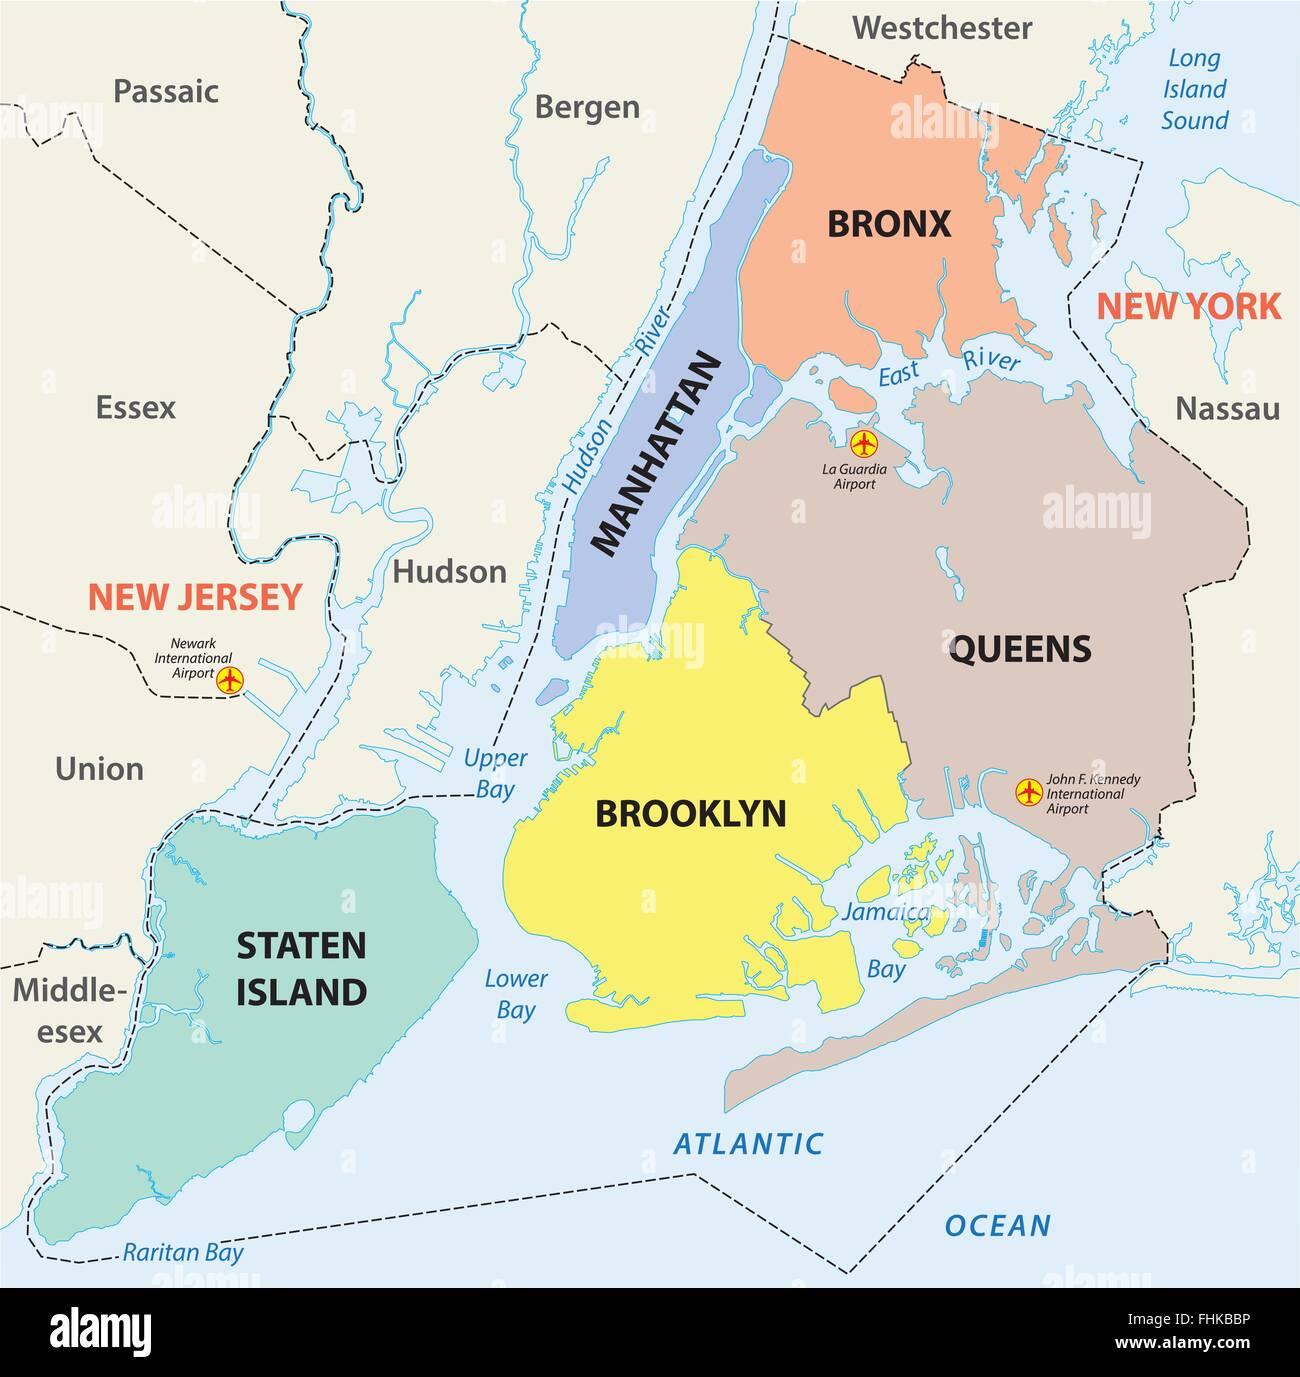 La Ciudad De Nueva York 5 Distritos Mapa Ilustracion Del